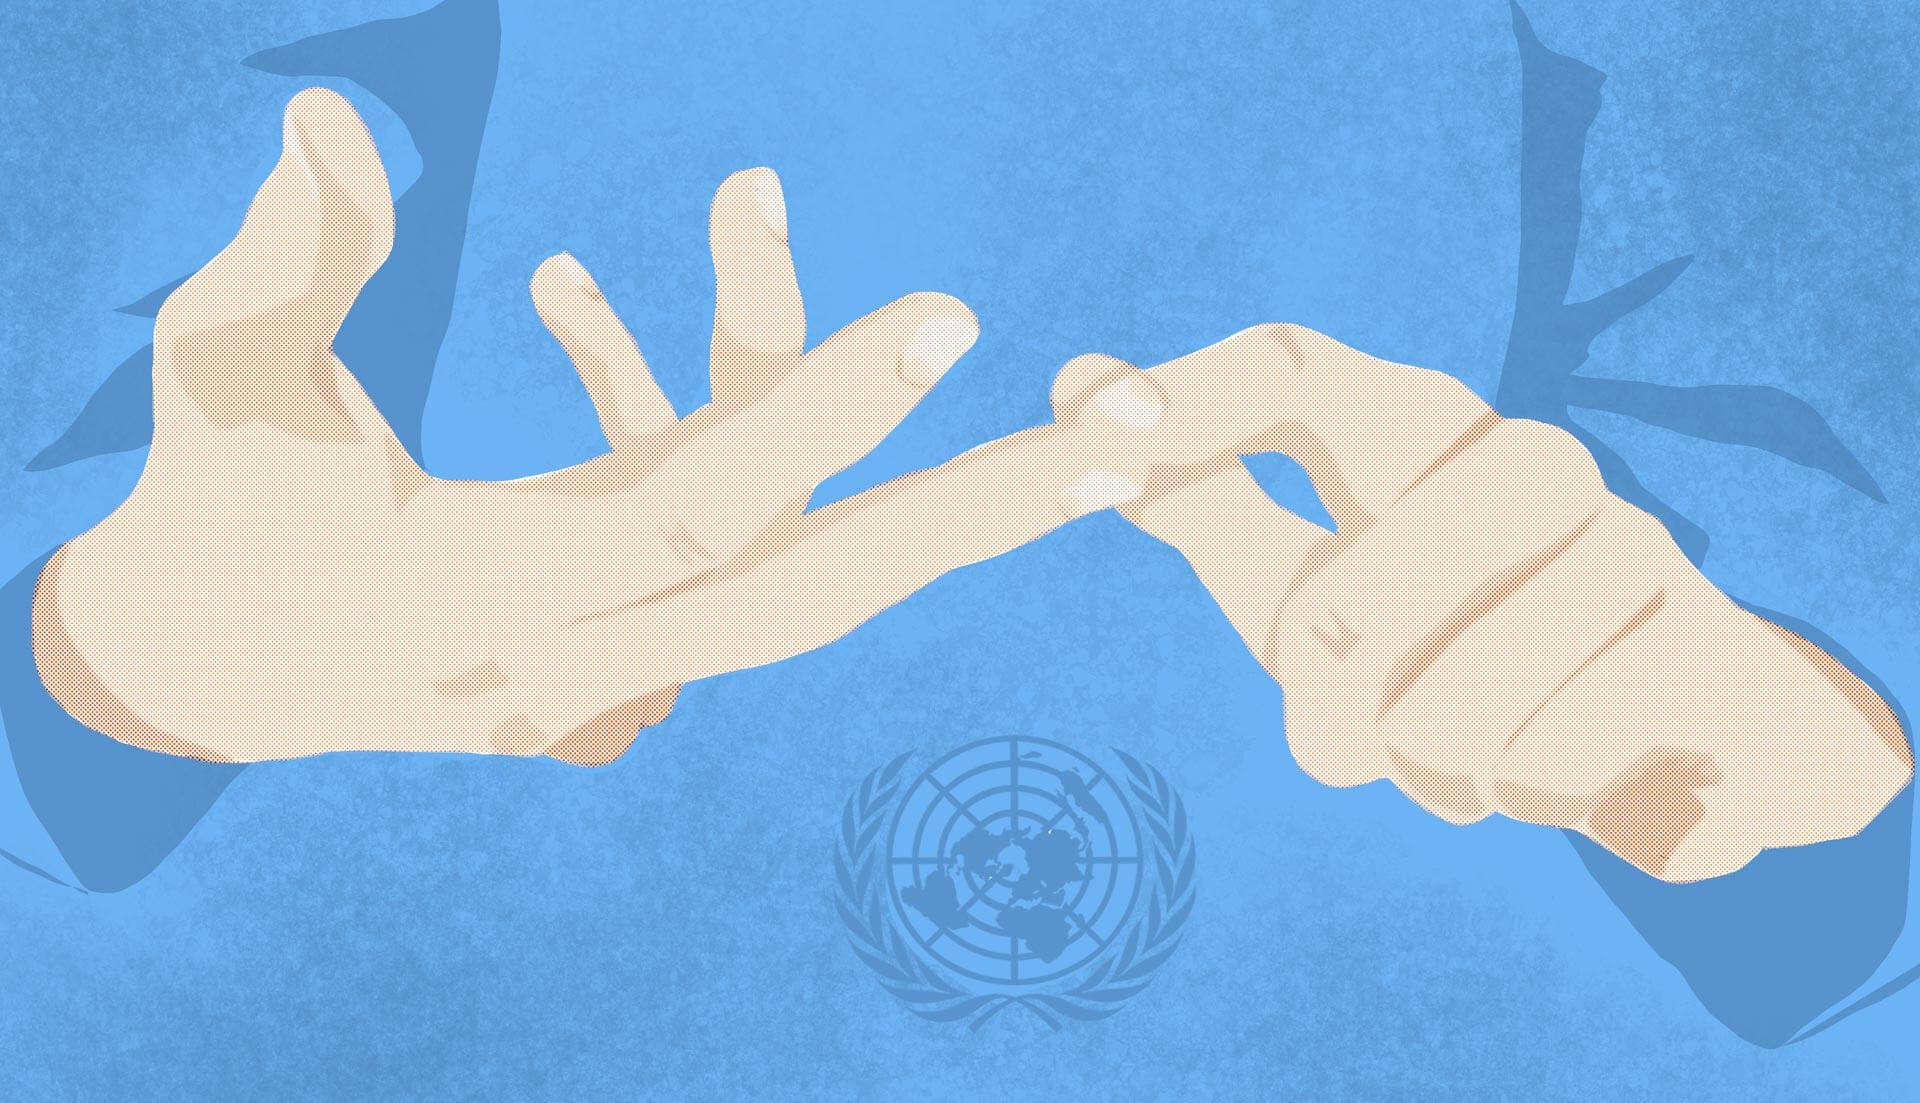 Mucha ley, poca acción: esto piensa la ONU de Colombia